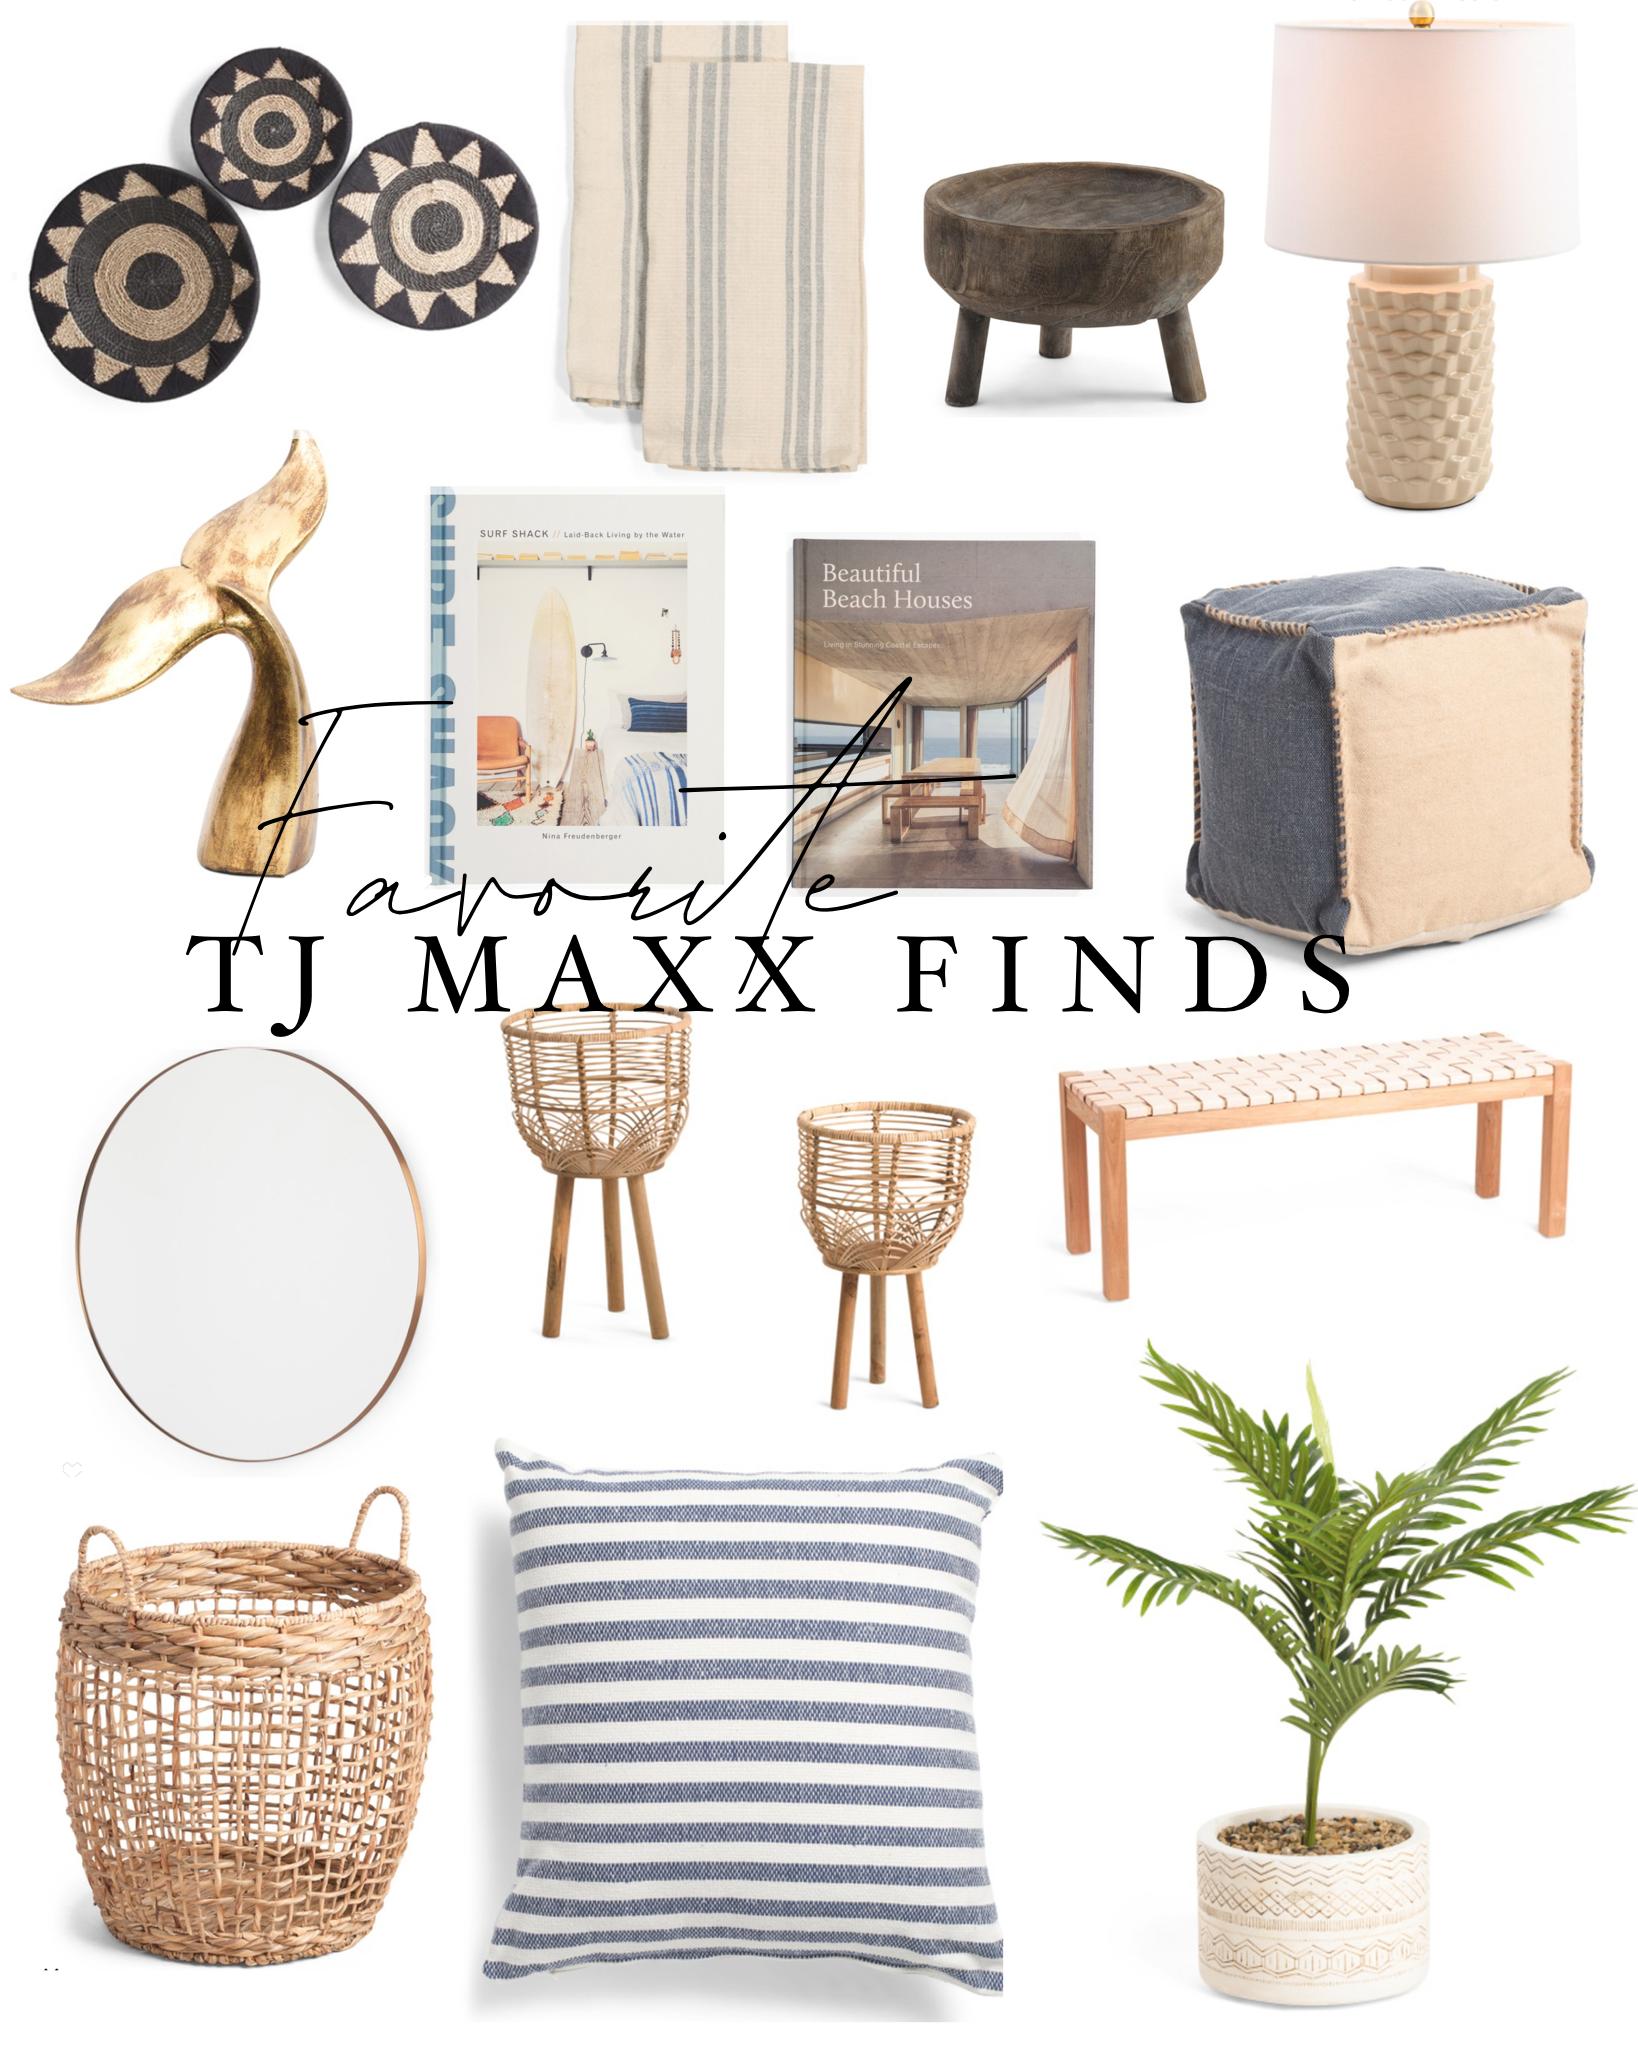 TJ Maxx Finds